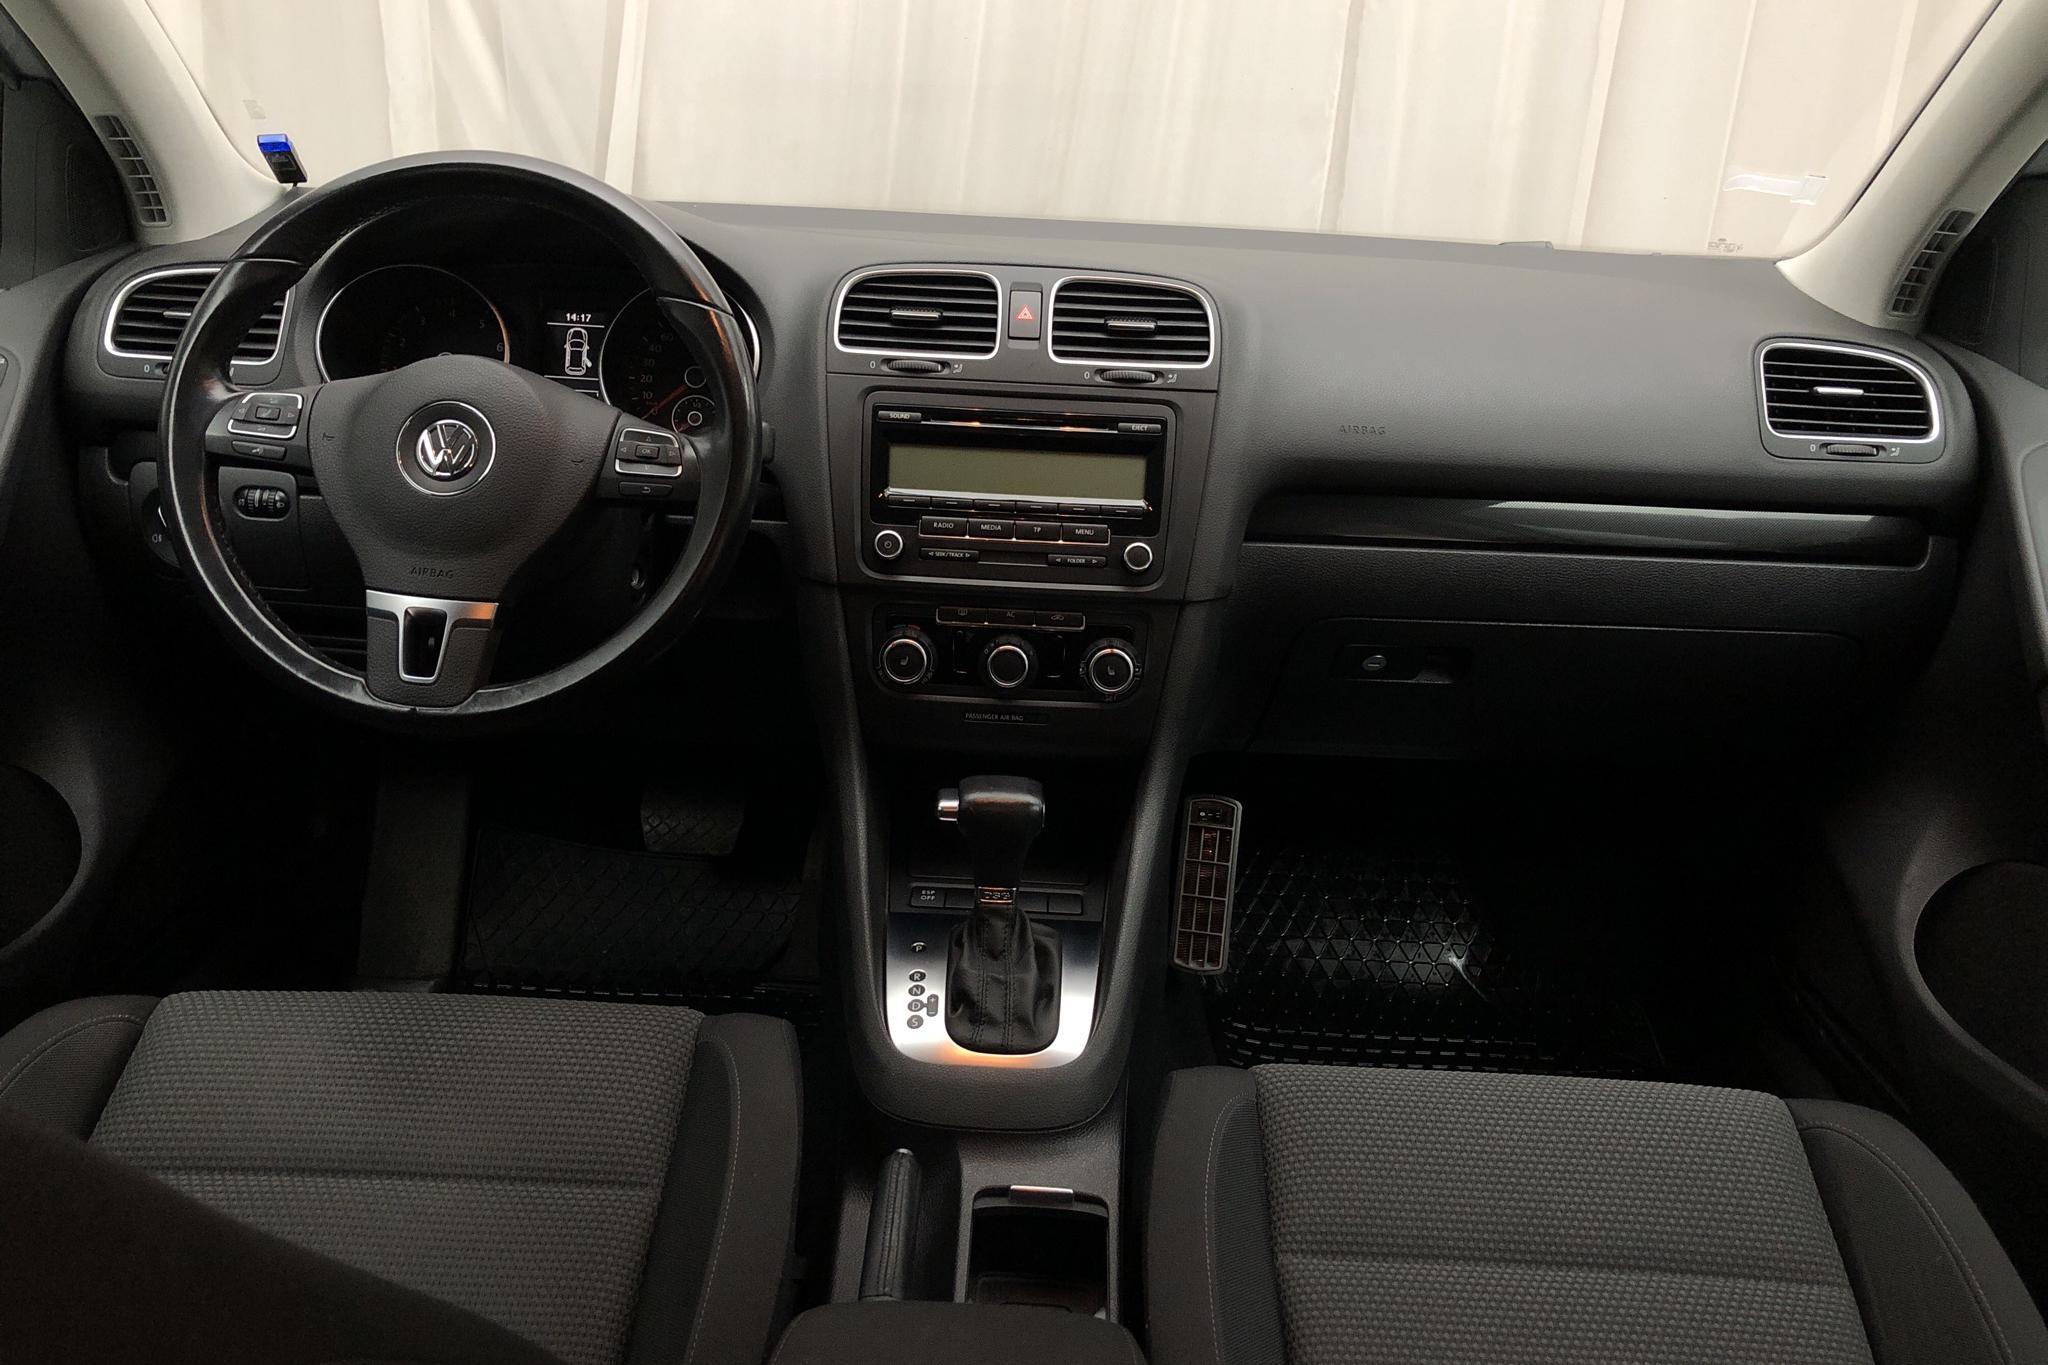 VW Golf VI 1.4 TSI 5dr (122hk) - 126 950 km - Automatic - silver - 2010